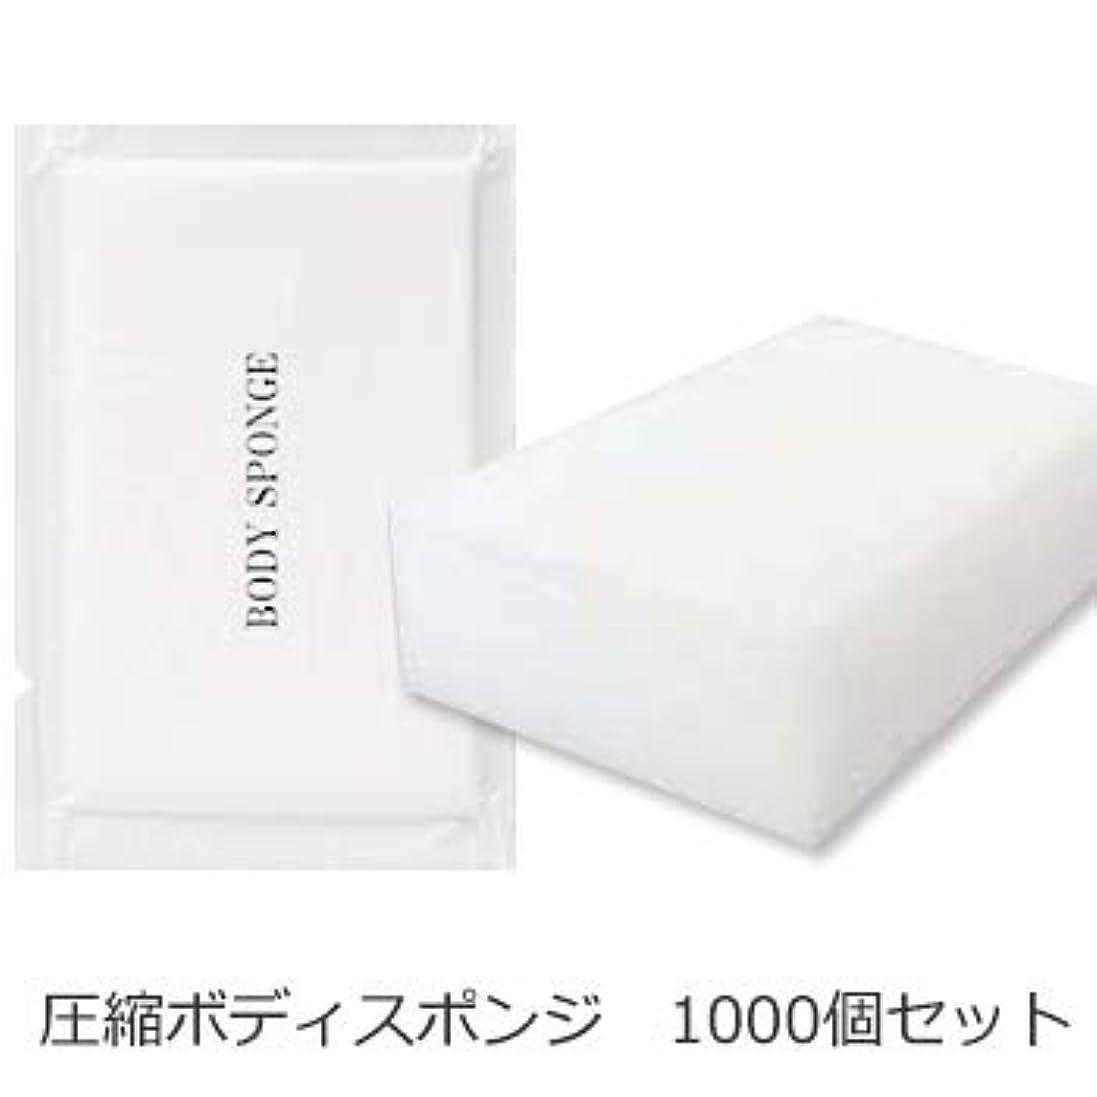 それから乳スロットボディスポンジ 海綿タイプ 厚み 30mm (1セット1000個入)1個当り11円税別